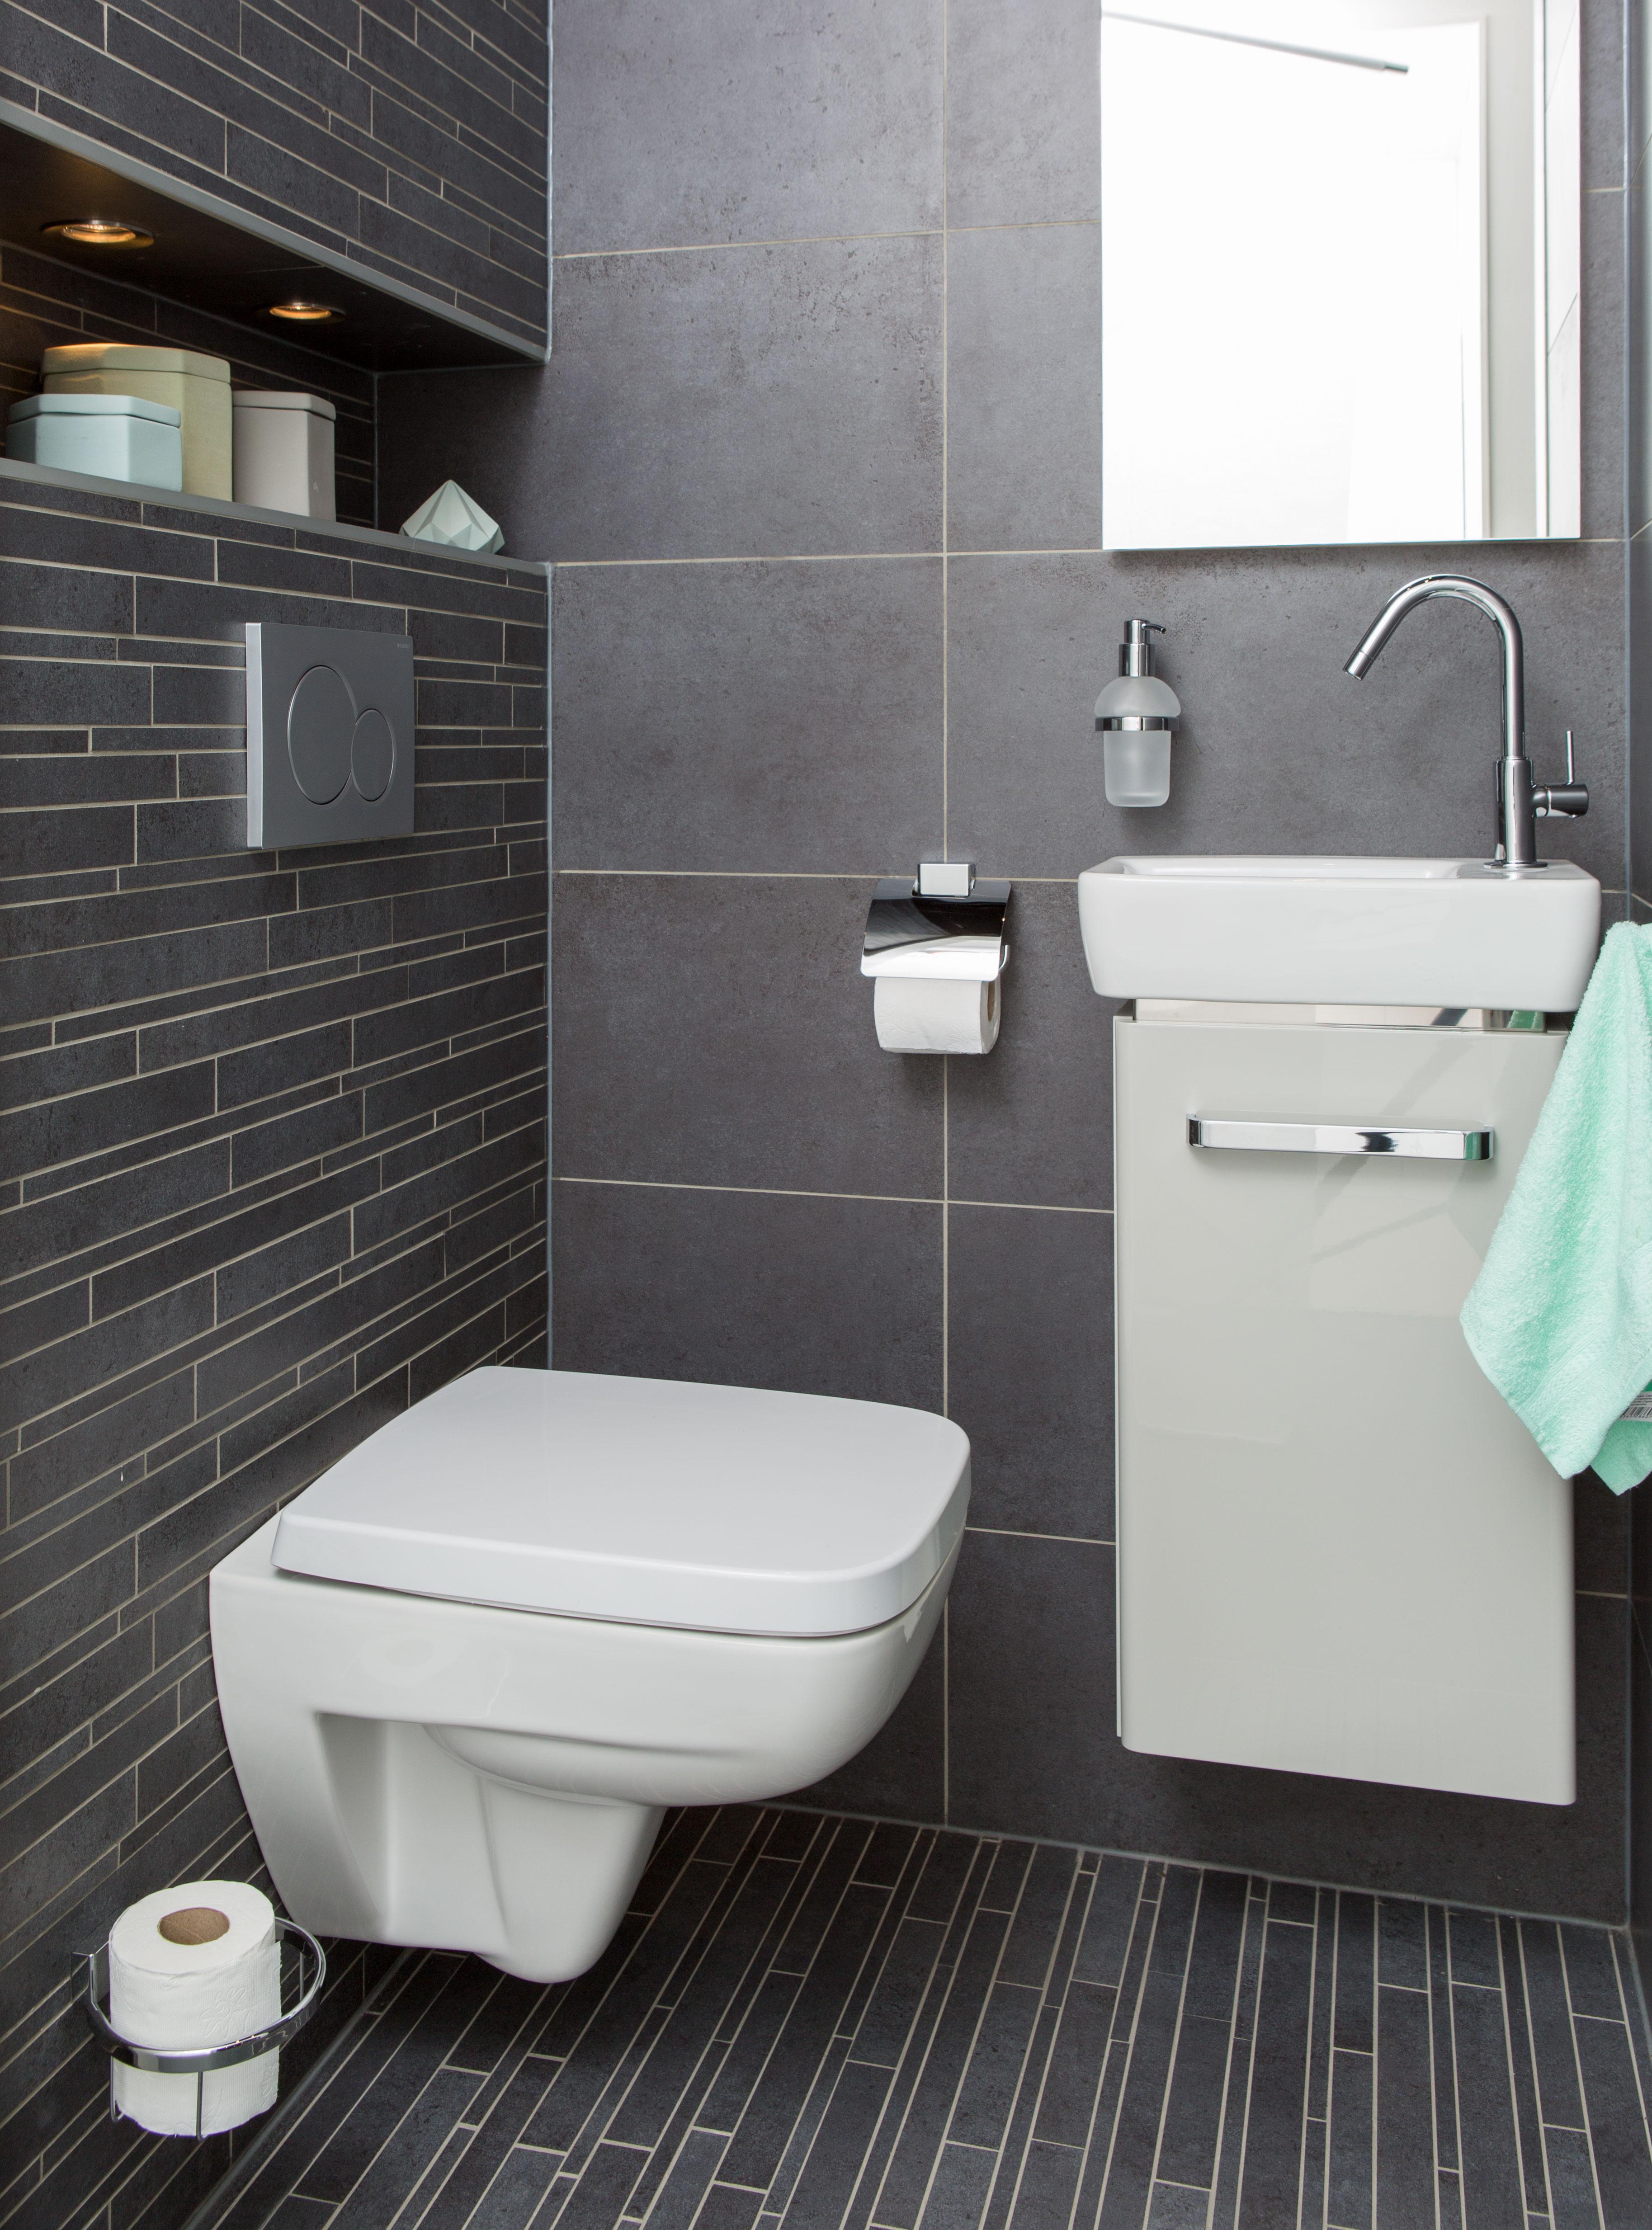 Marvelous Toilet Inspiratie Modern Toilet Alles Voor Het Toilet Pabps2019 Chair Design Images Pabps2019Com